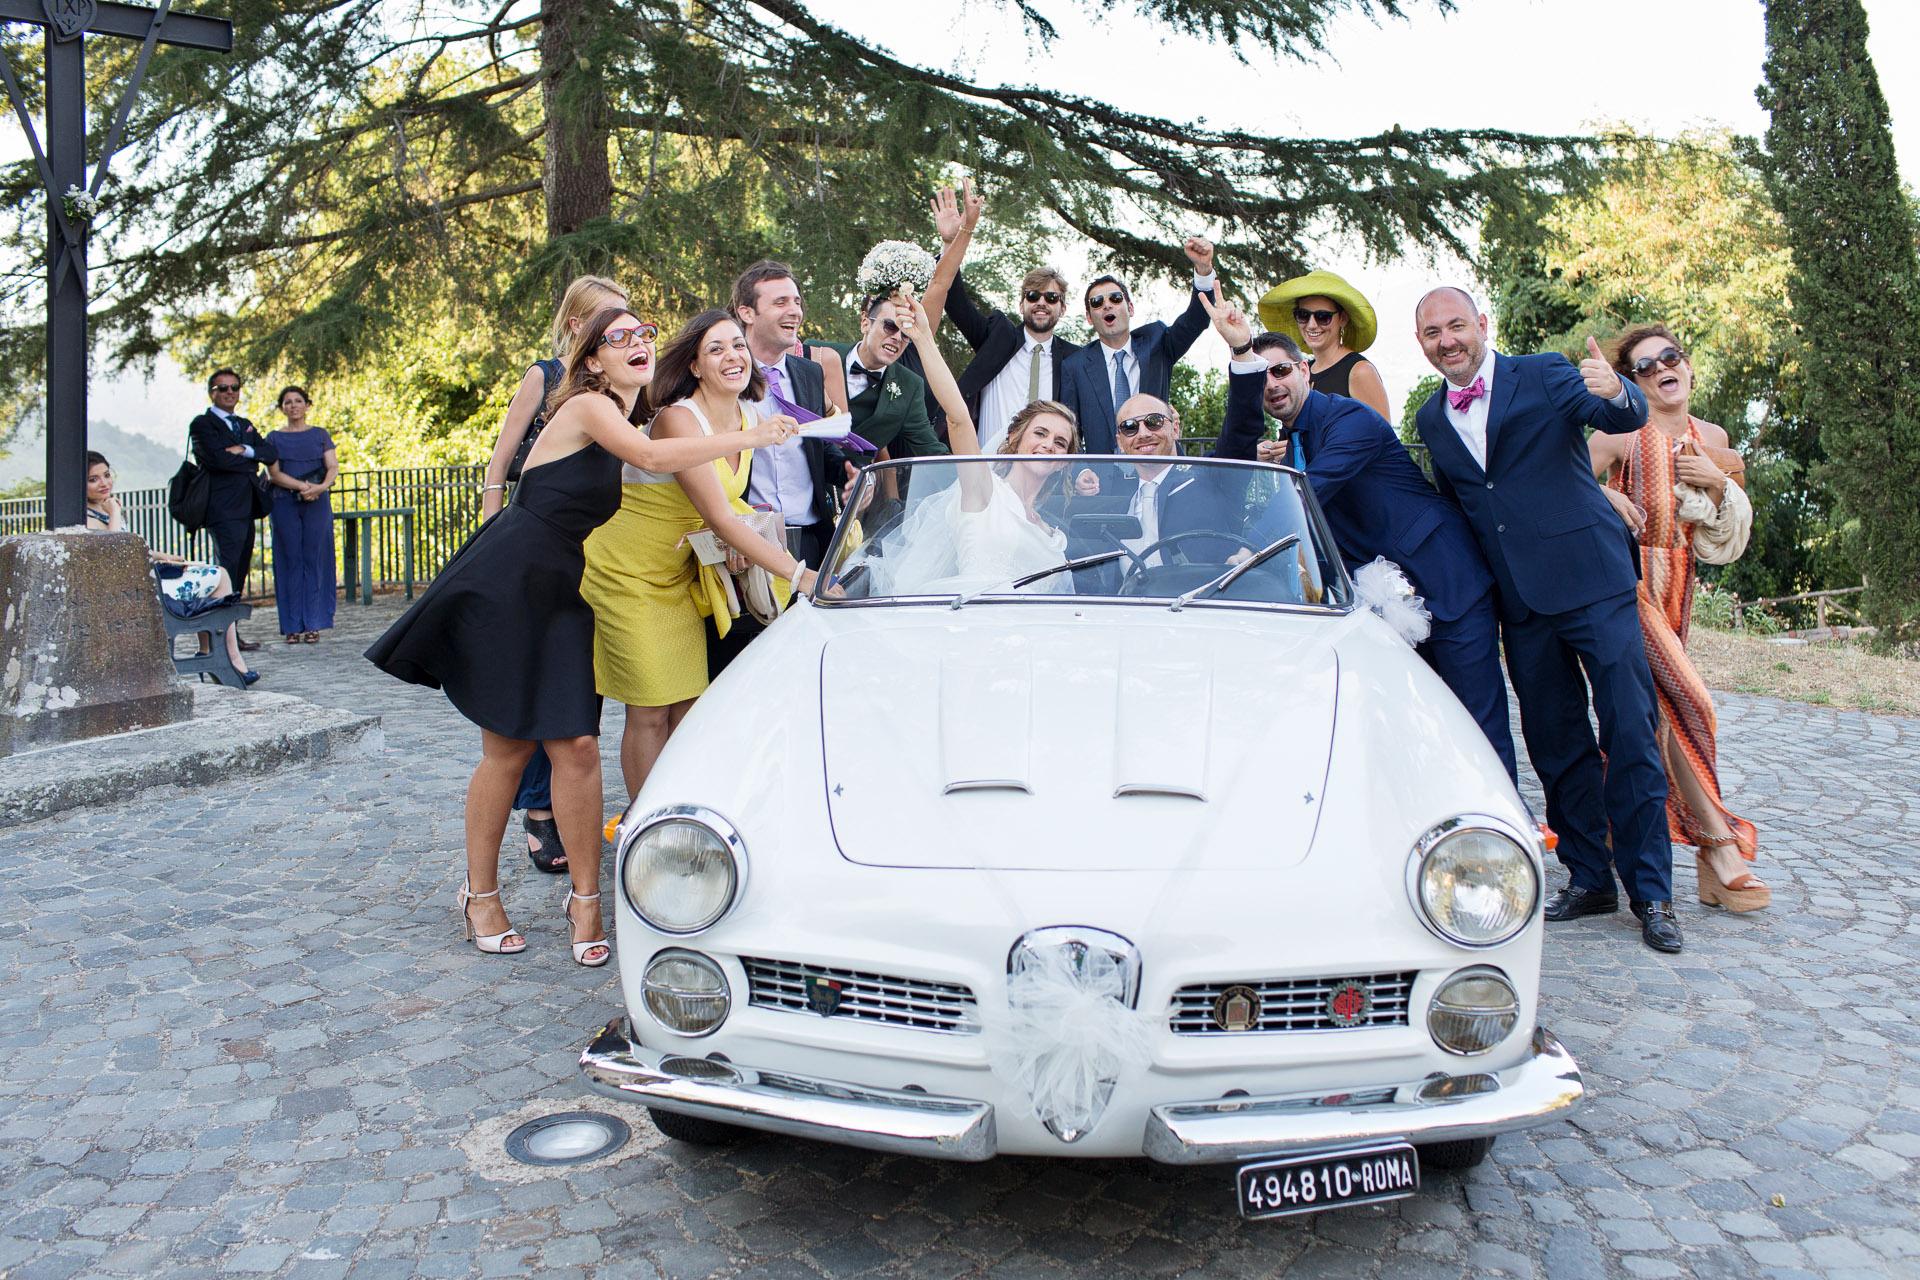 auto d'epoca al matrimonio